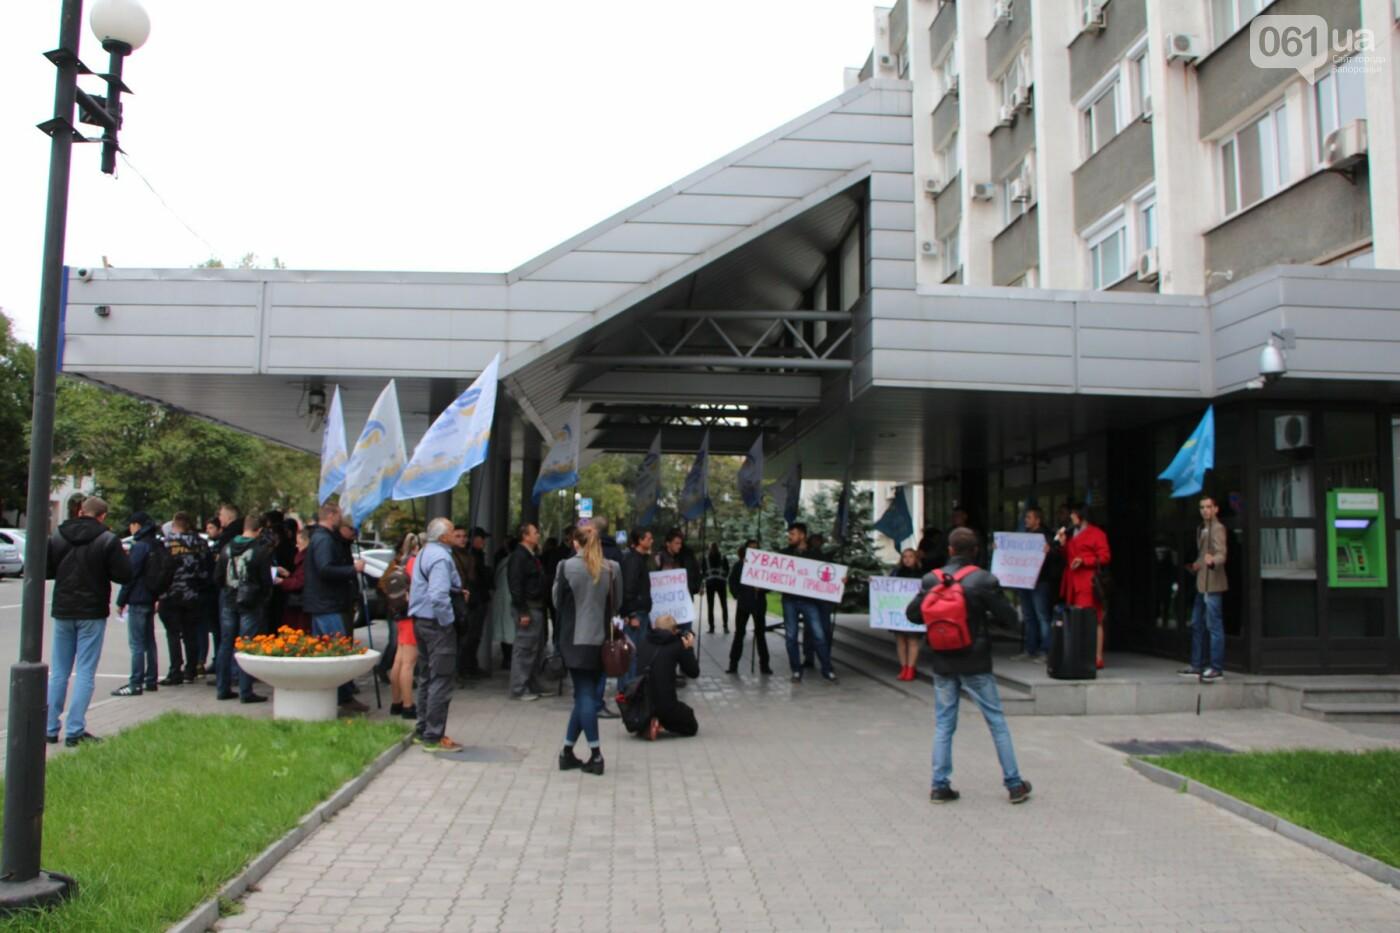 Активисты под прицелом: в Запорожье под зданием Нацполиции митинговали за расследование преступлений, - ФОТОРЕПОРТАЖ, фото-3